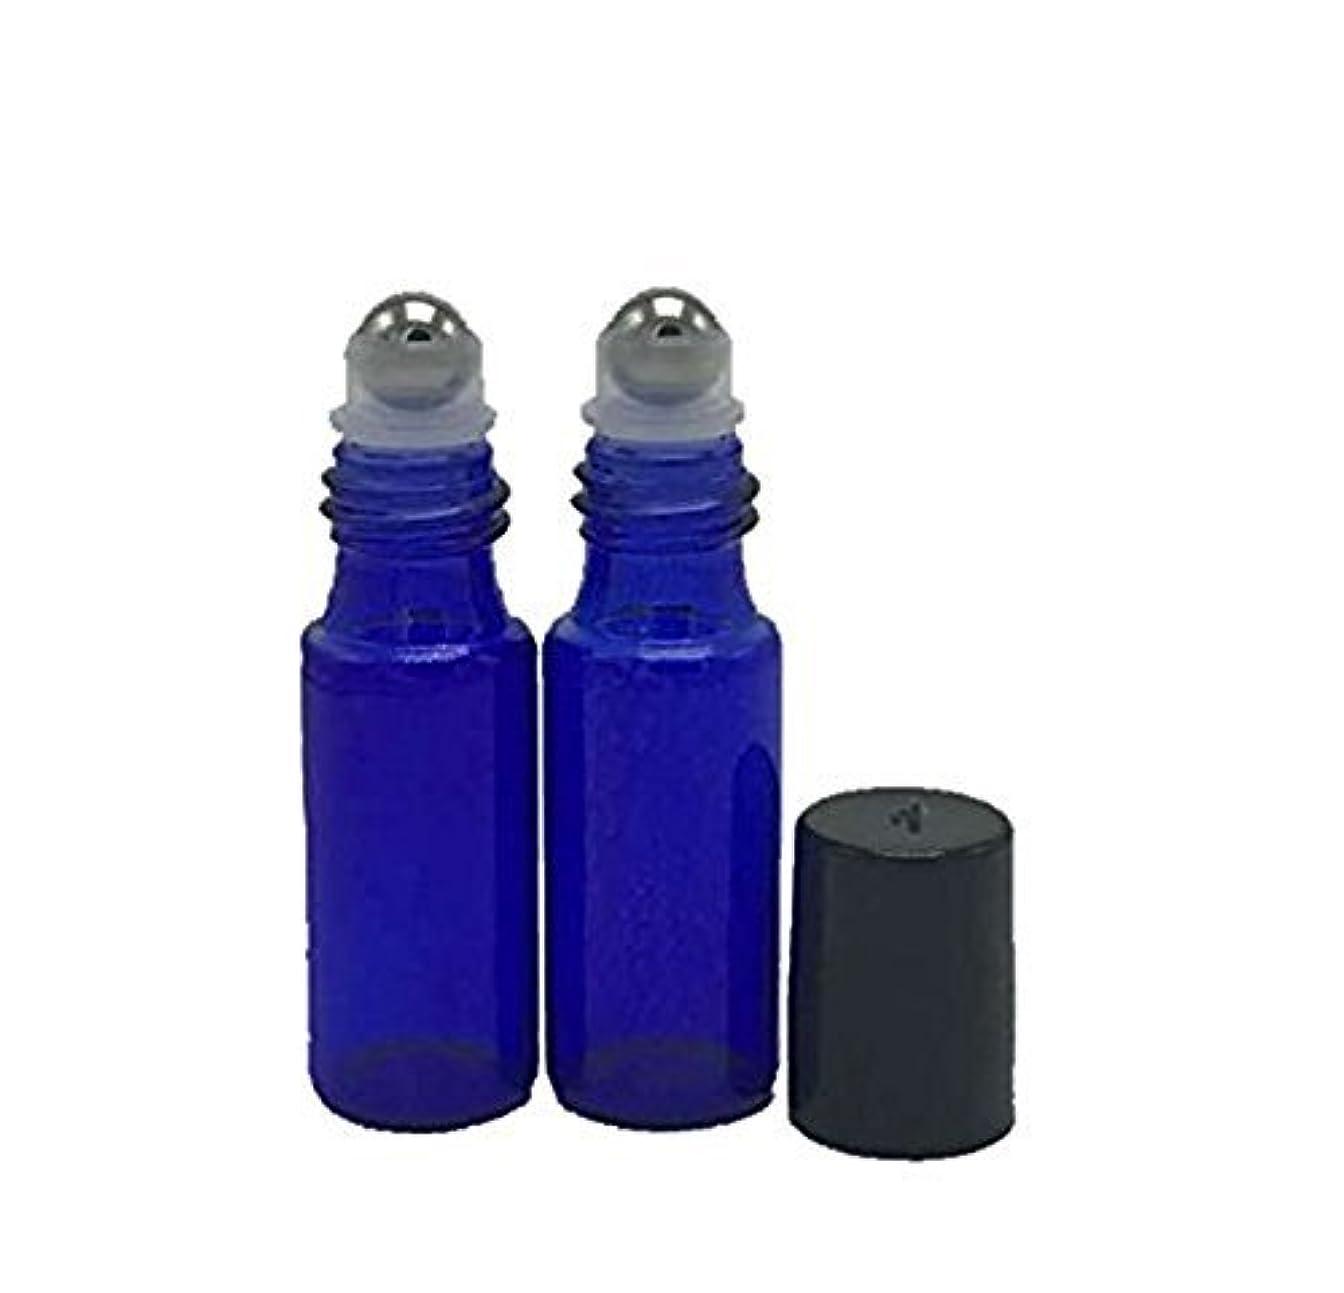 シンプルさ泣いている狂ったHaifly 12 Pcs 5 ml Empty Refillable Rollerball Glass Bottles for Essential Oil with 3 ml Dropper Blue [並行輸入品]